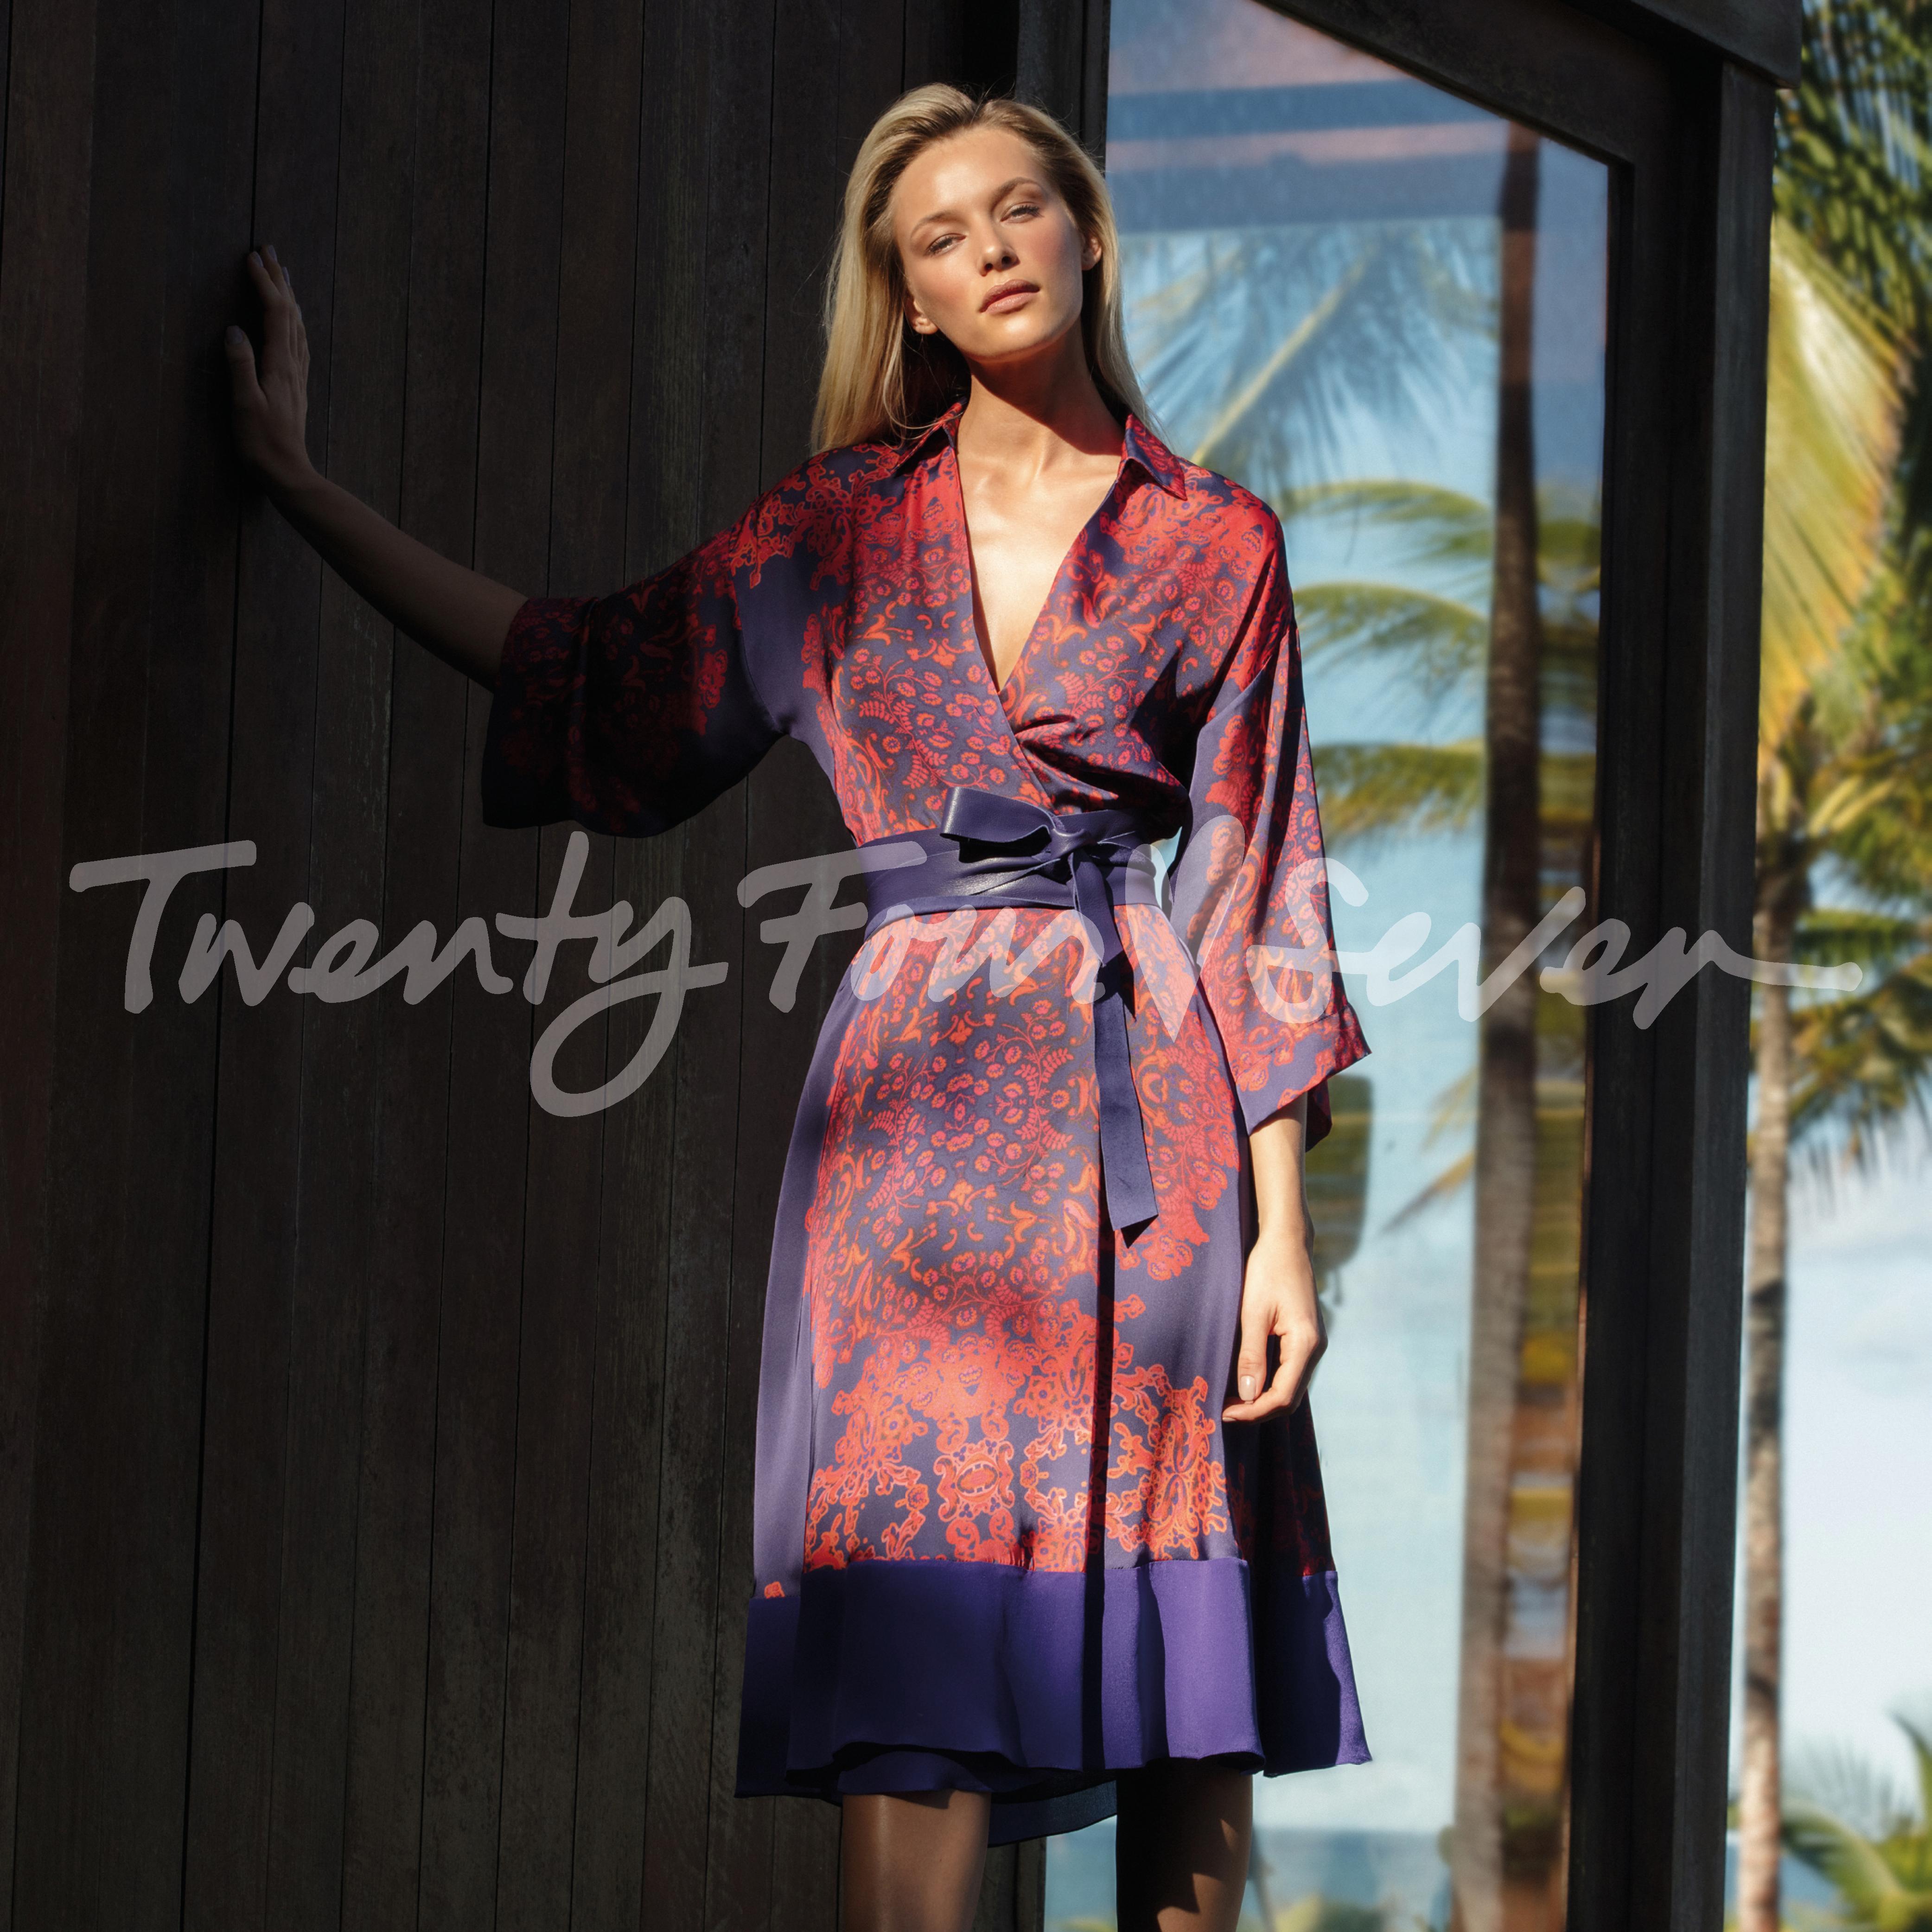 tfs_vestido-vermelho-e-azul